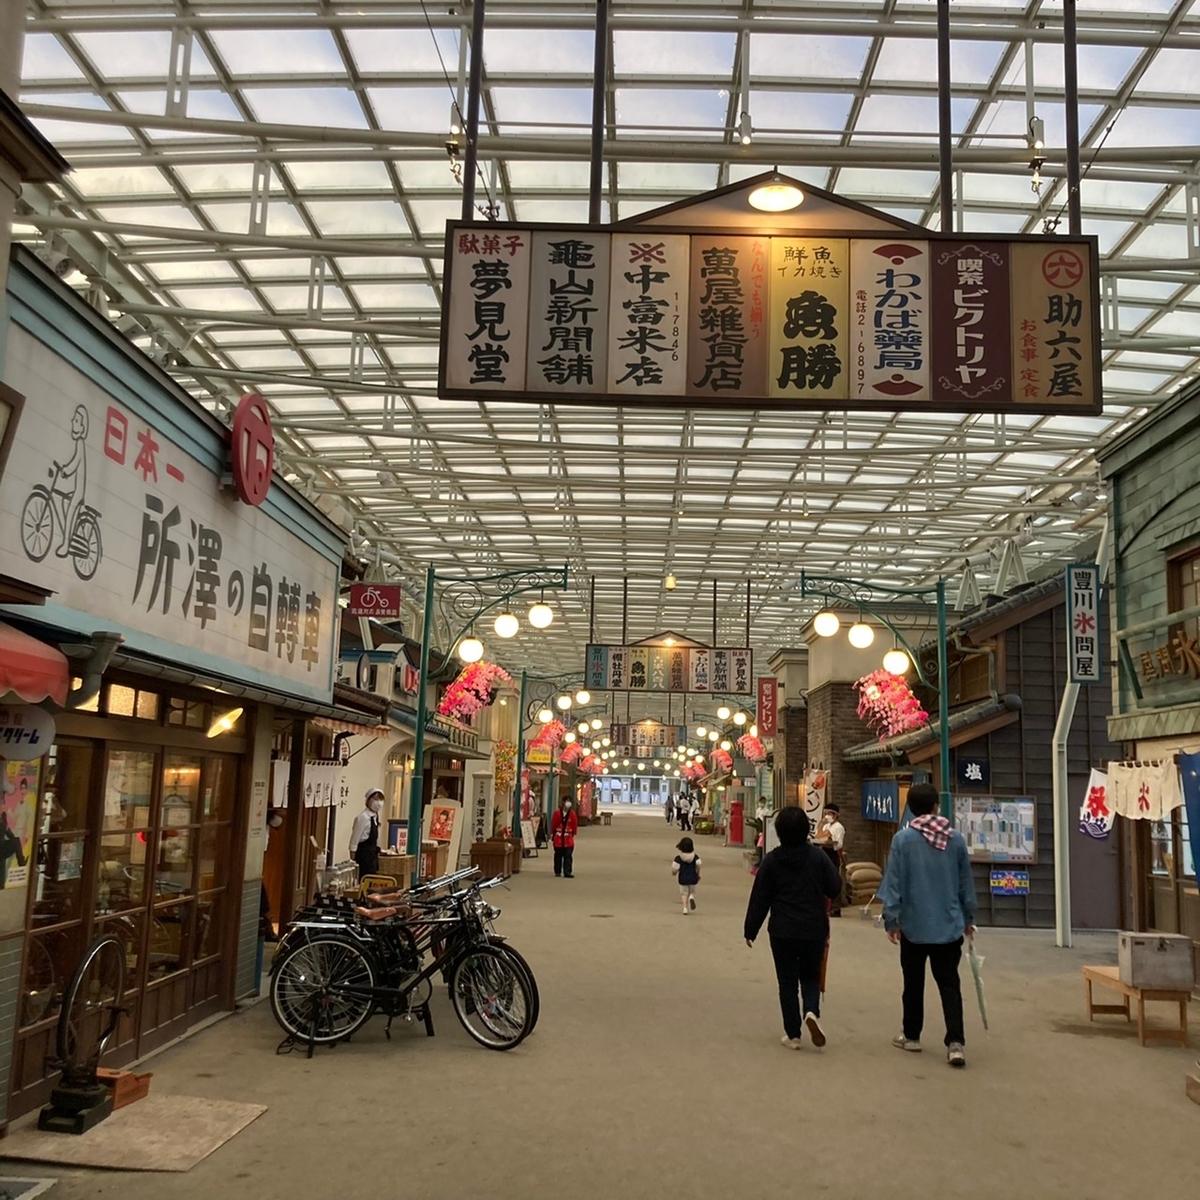 f:id:Tokyo-amuse:20210520035424j:plain